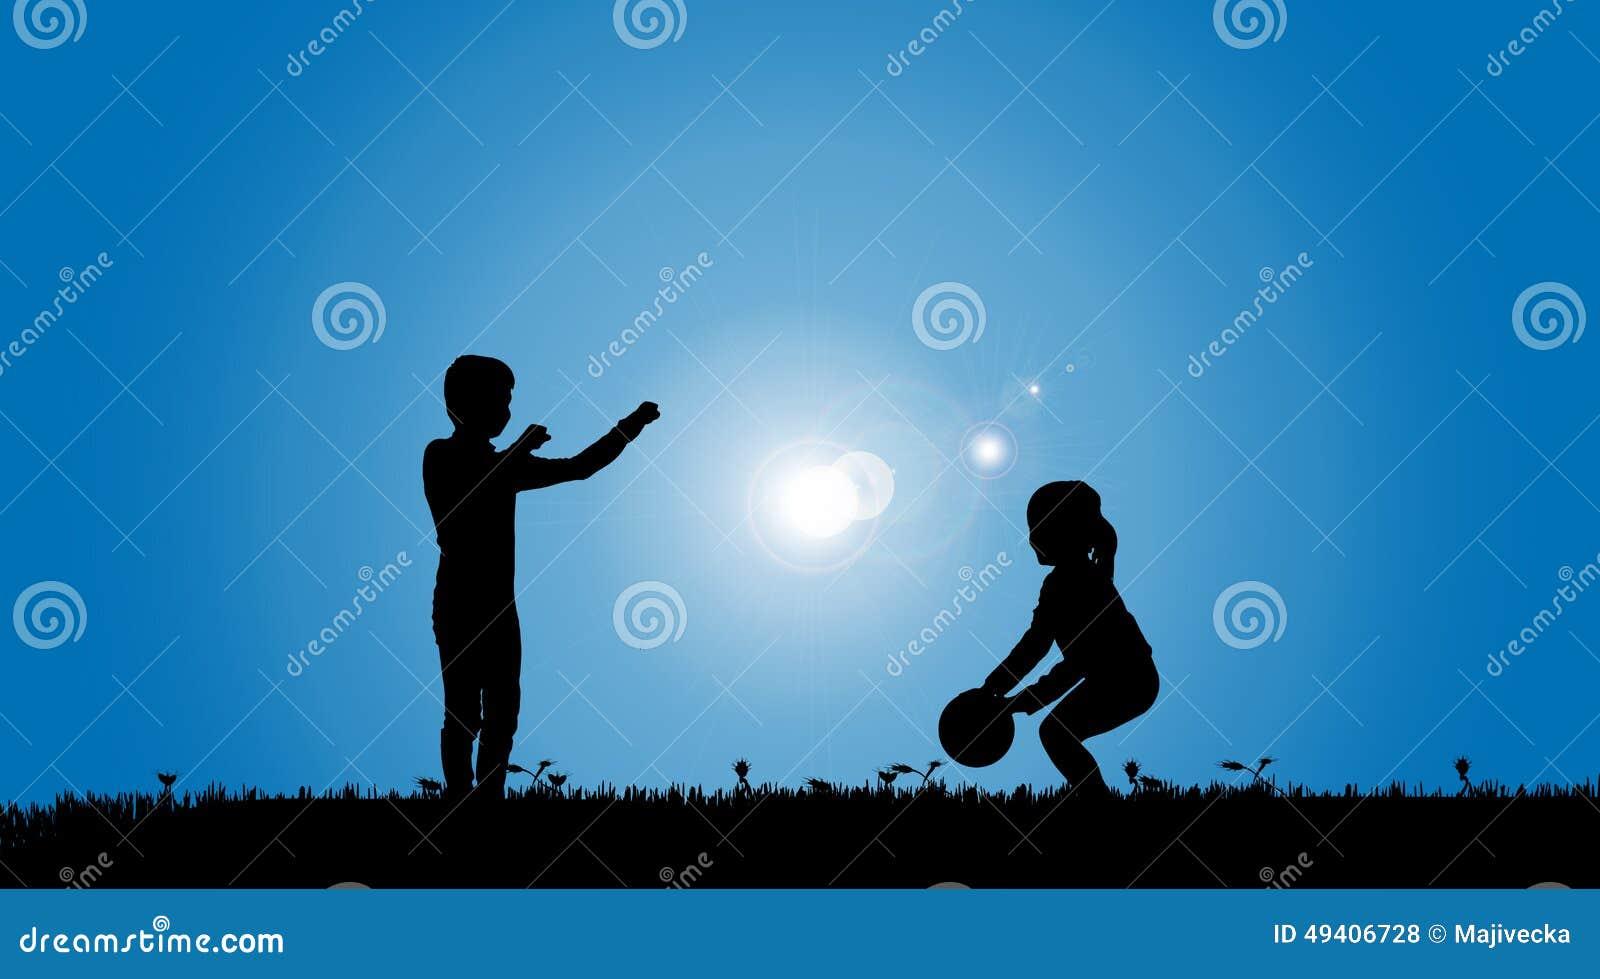 Download Vektorschattenbild Von Geschwister Vektor Abbildung - Illustration von glücklich, positiv: 49406728